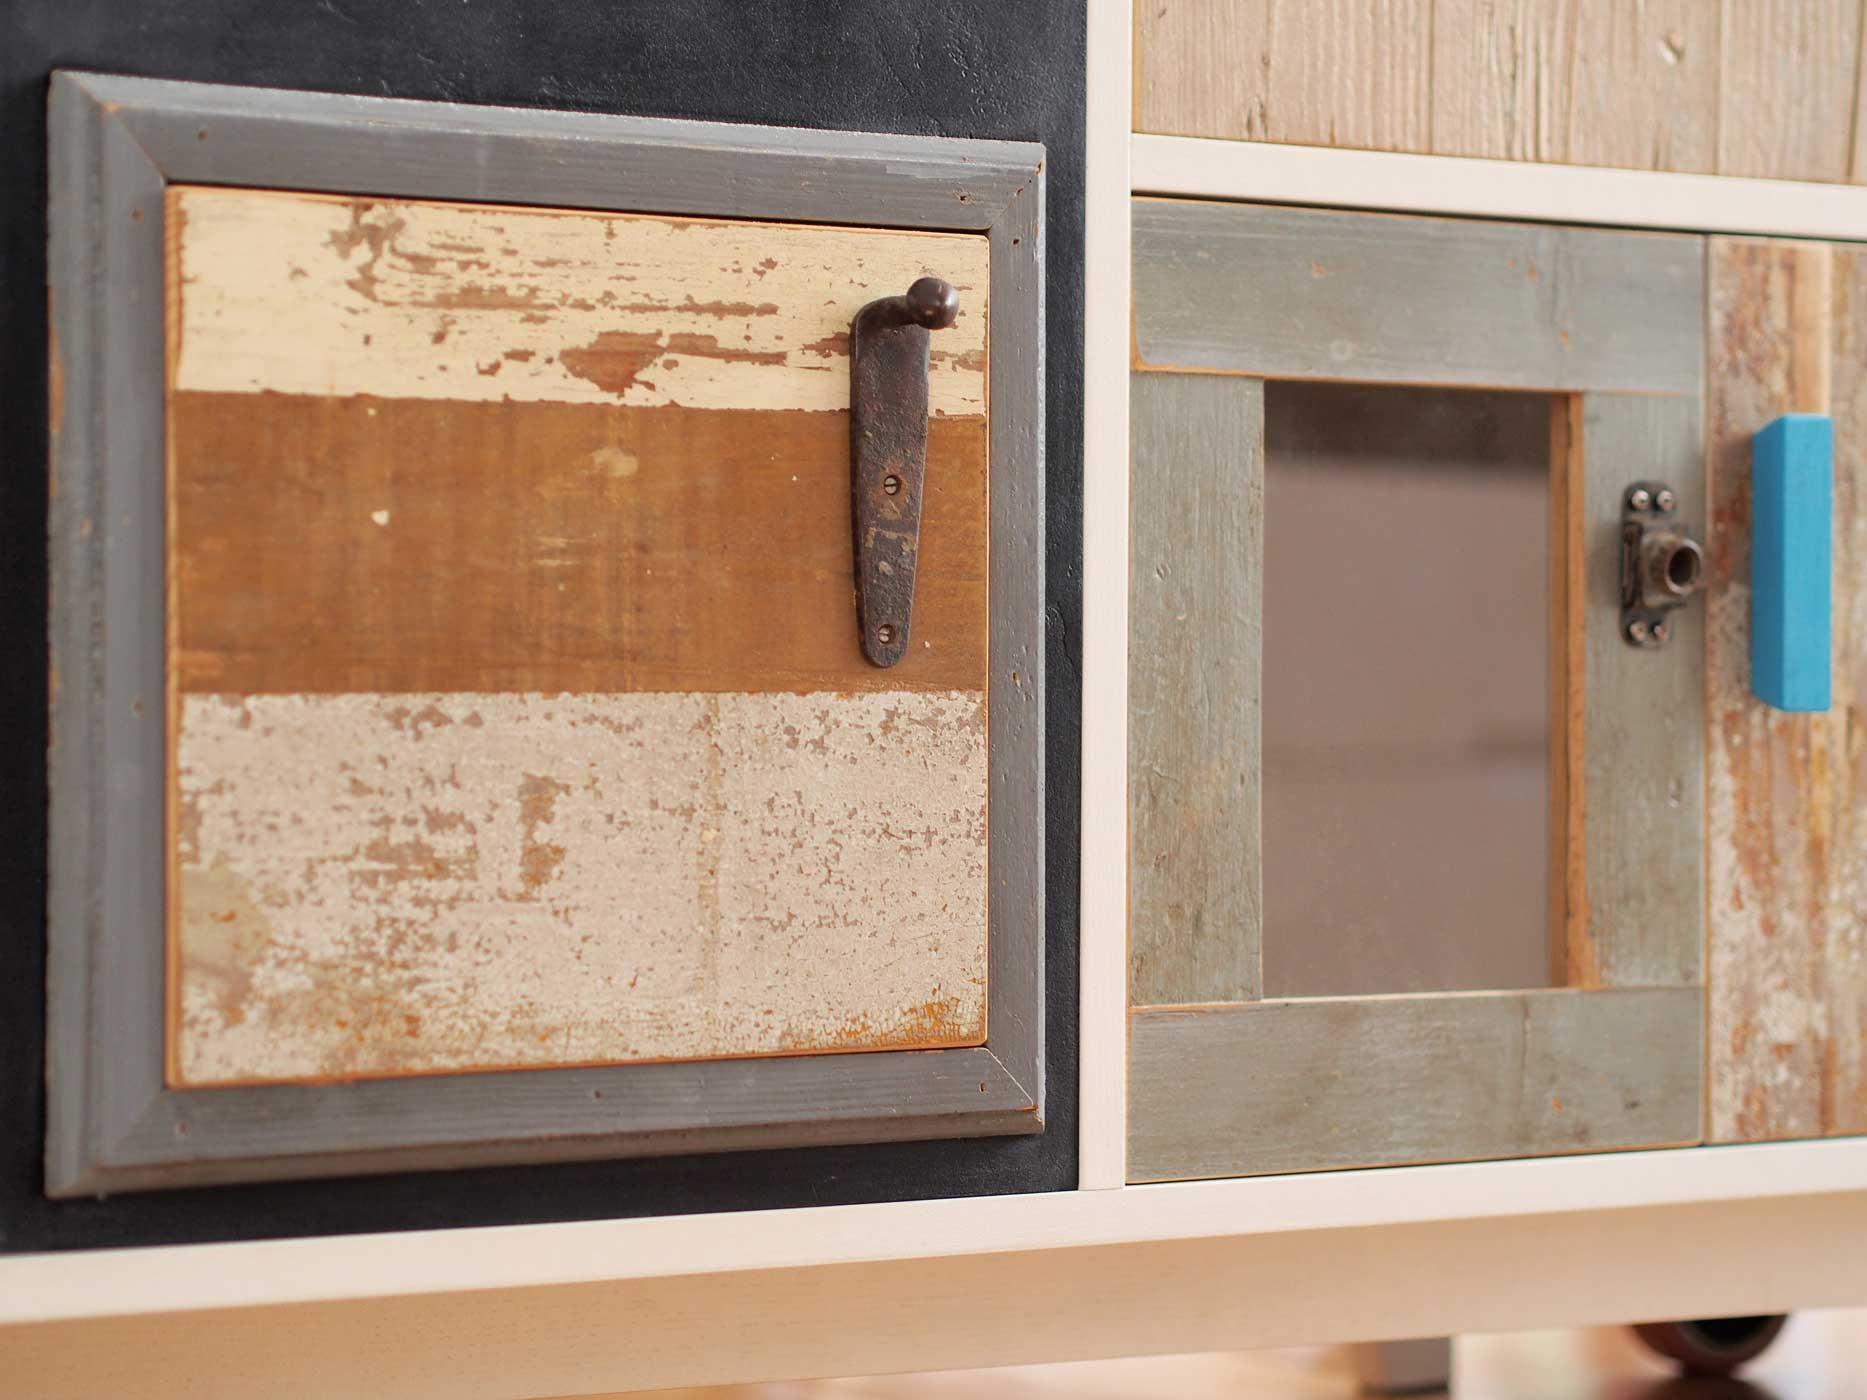 Credenza di due metri con struttura in legno laccato bianco e frontali con diversi tipi di legno riciclato e restaurato a mano. Struttura su ruote. Dispensa riproducibile su misura.